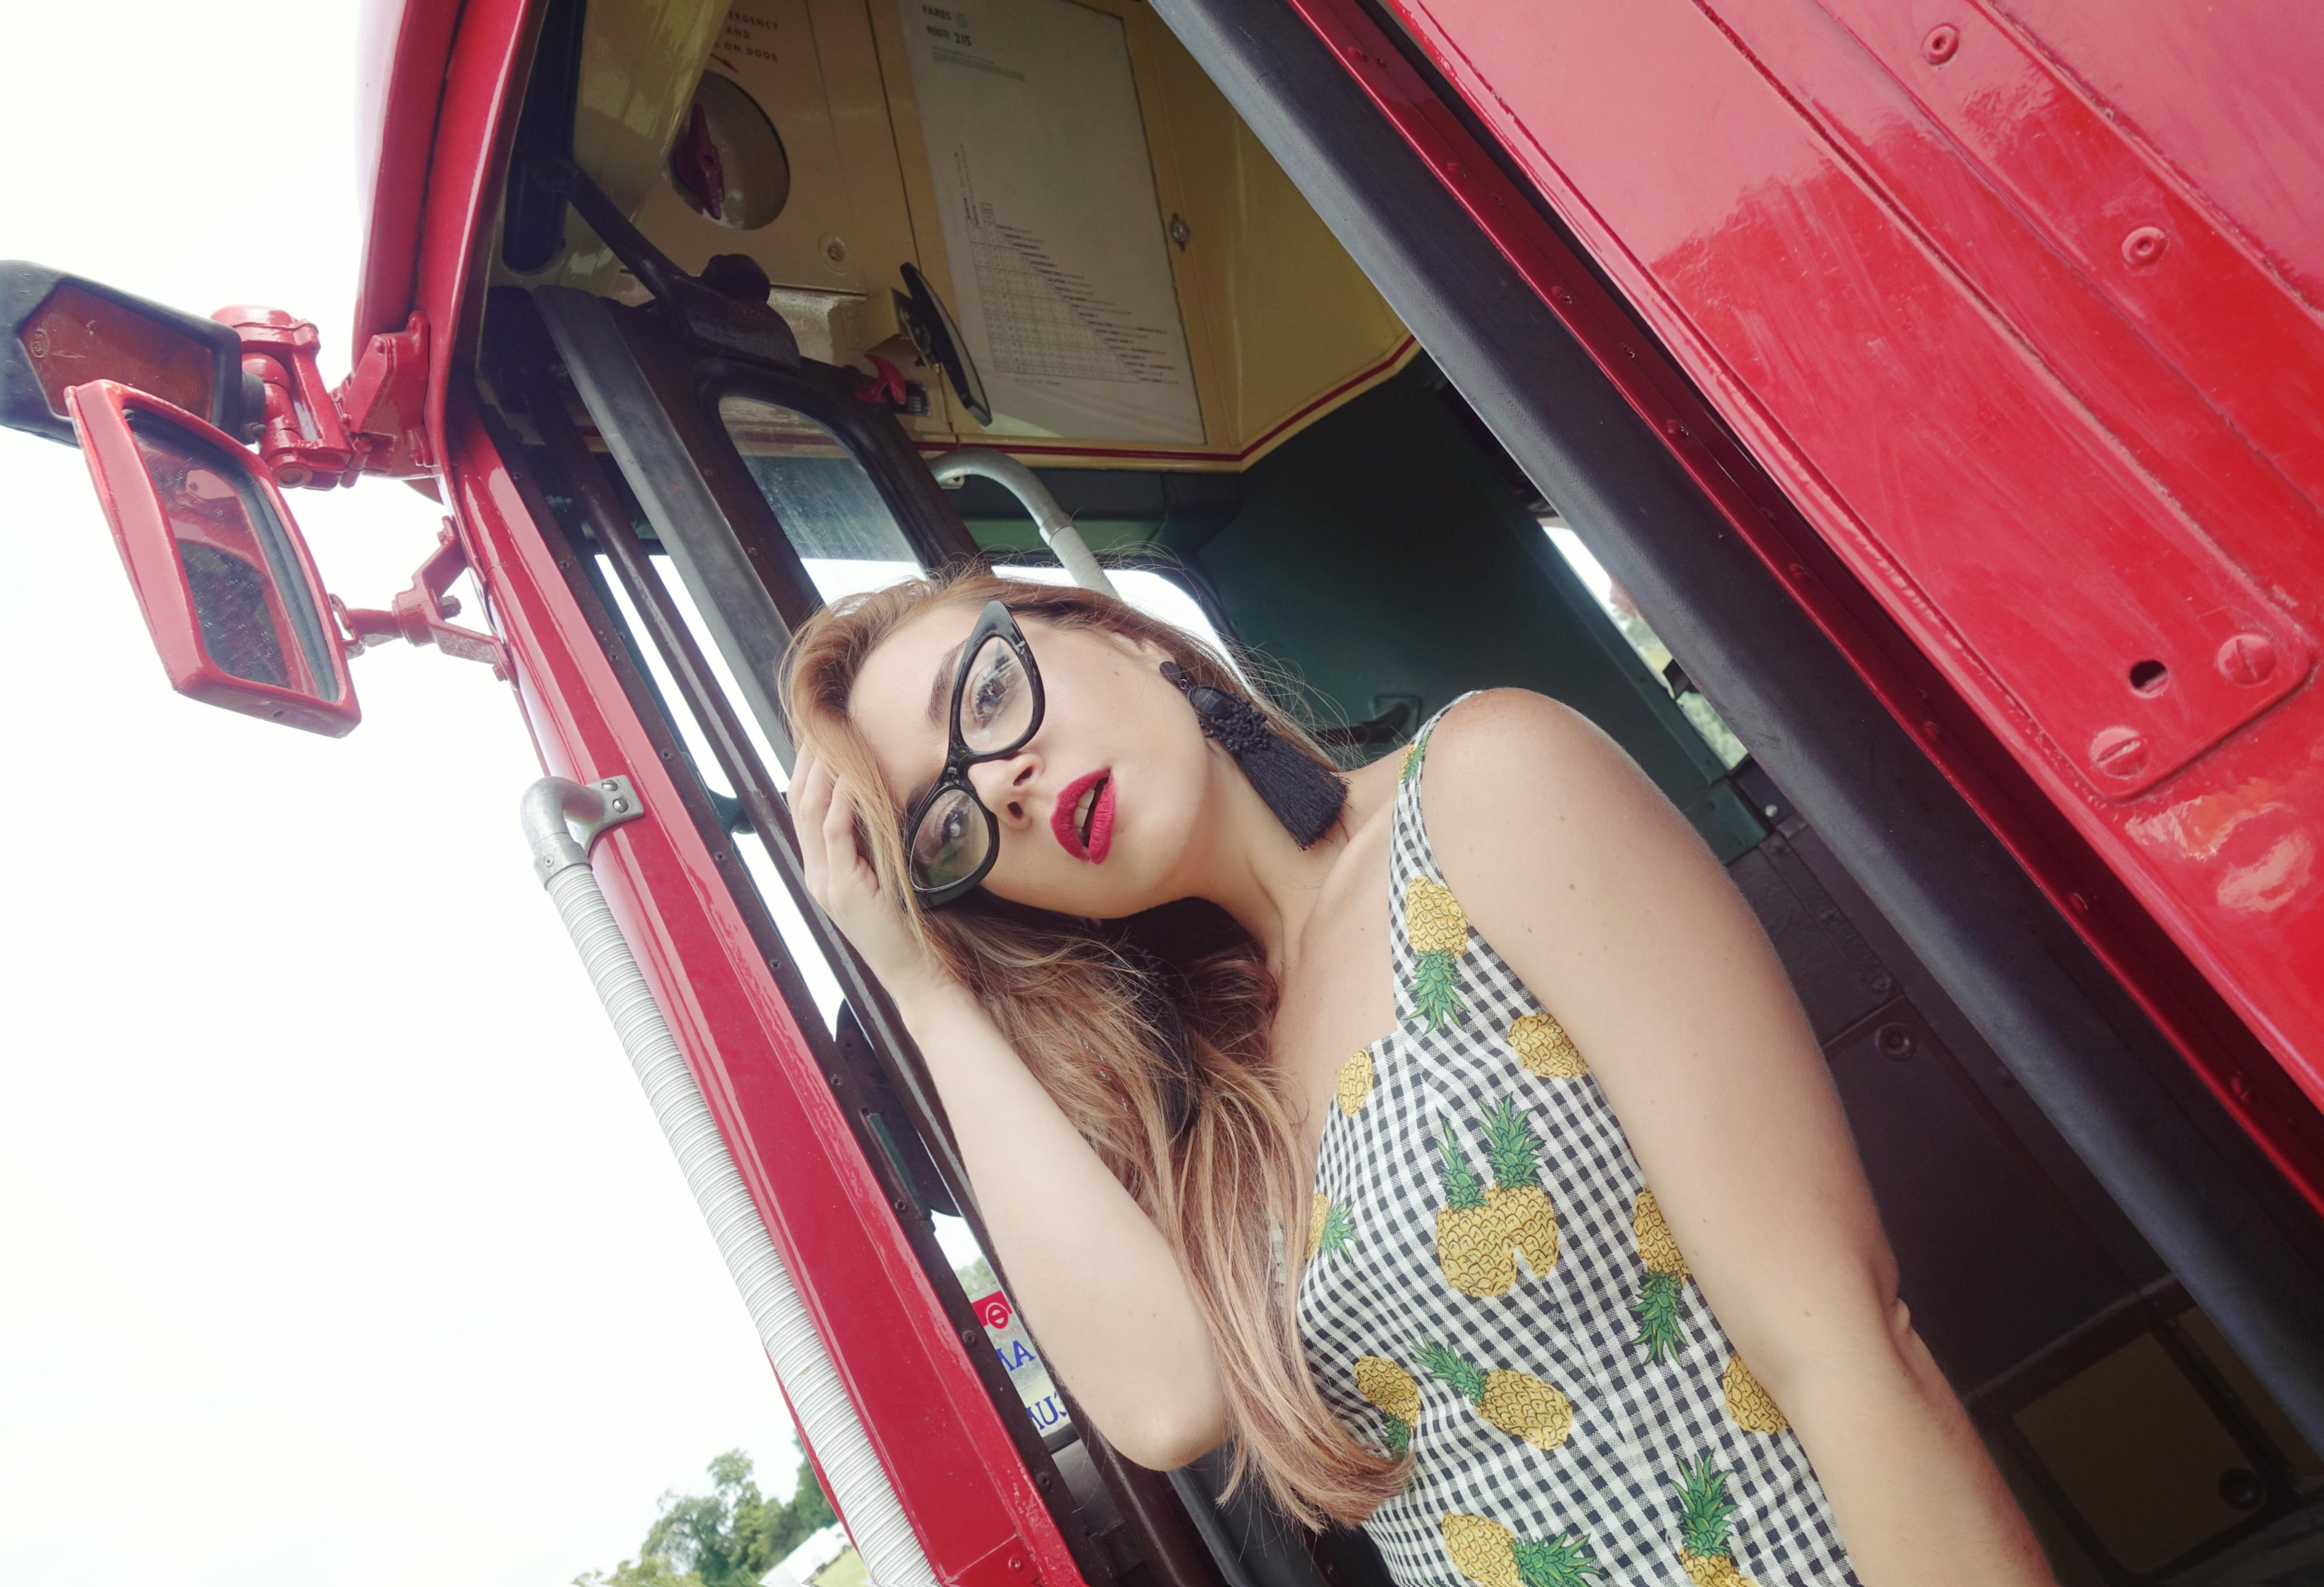 Blog-de-moda-ChicAdicta-influencer-PiensaenChic-london-to-brighton-collectif-vintage-vestidos-de-pinas-Chic-adicta-Piensa-en-Chic